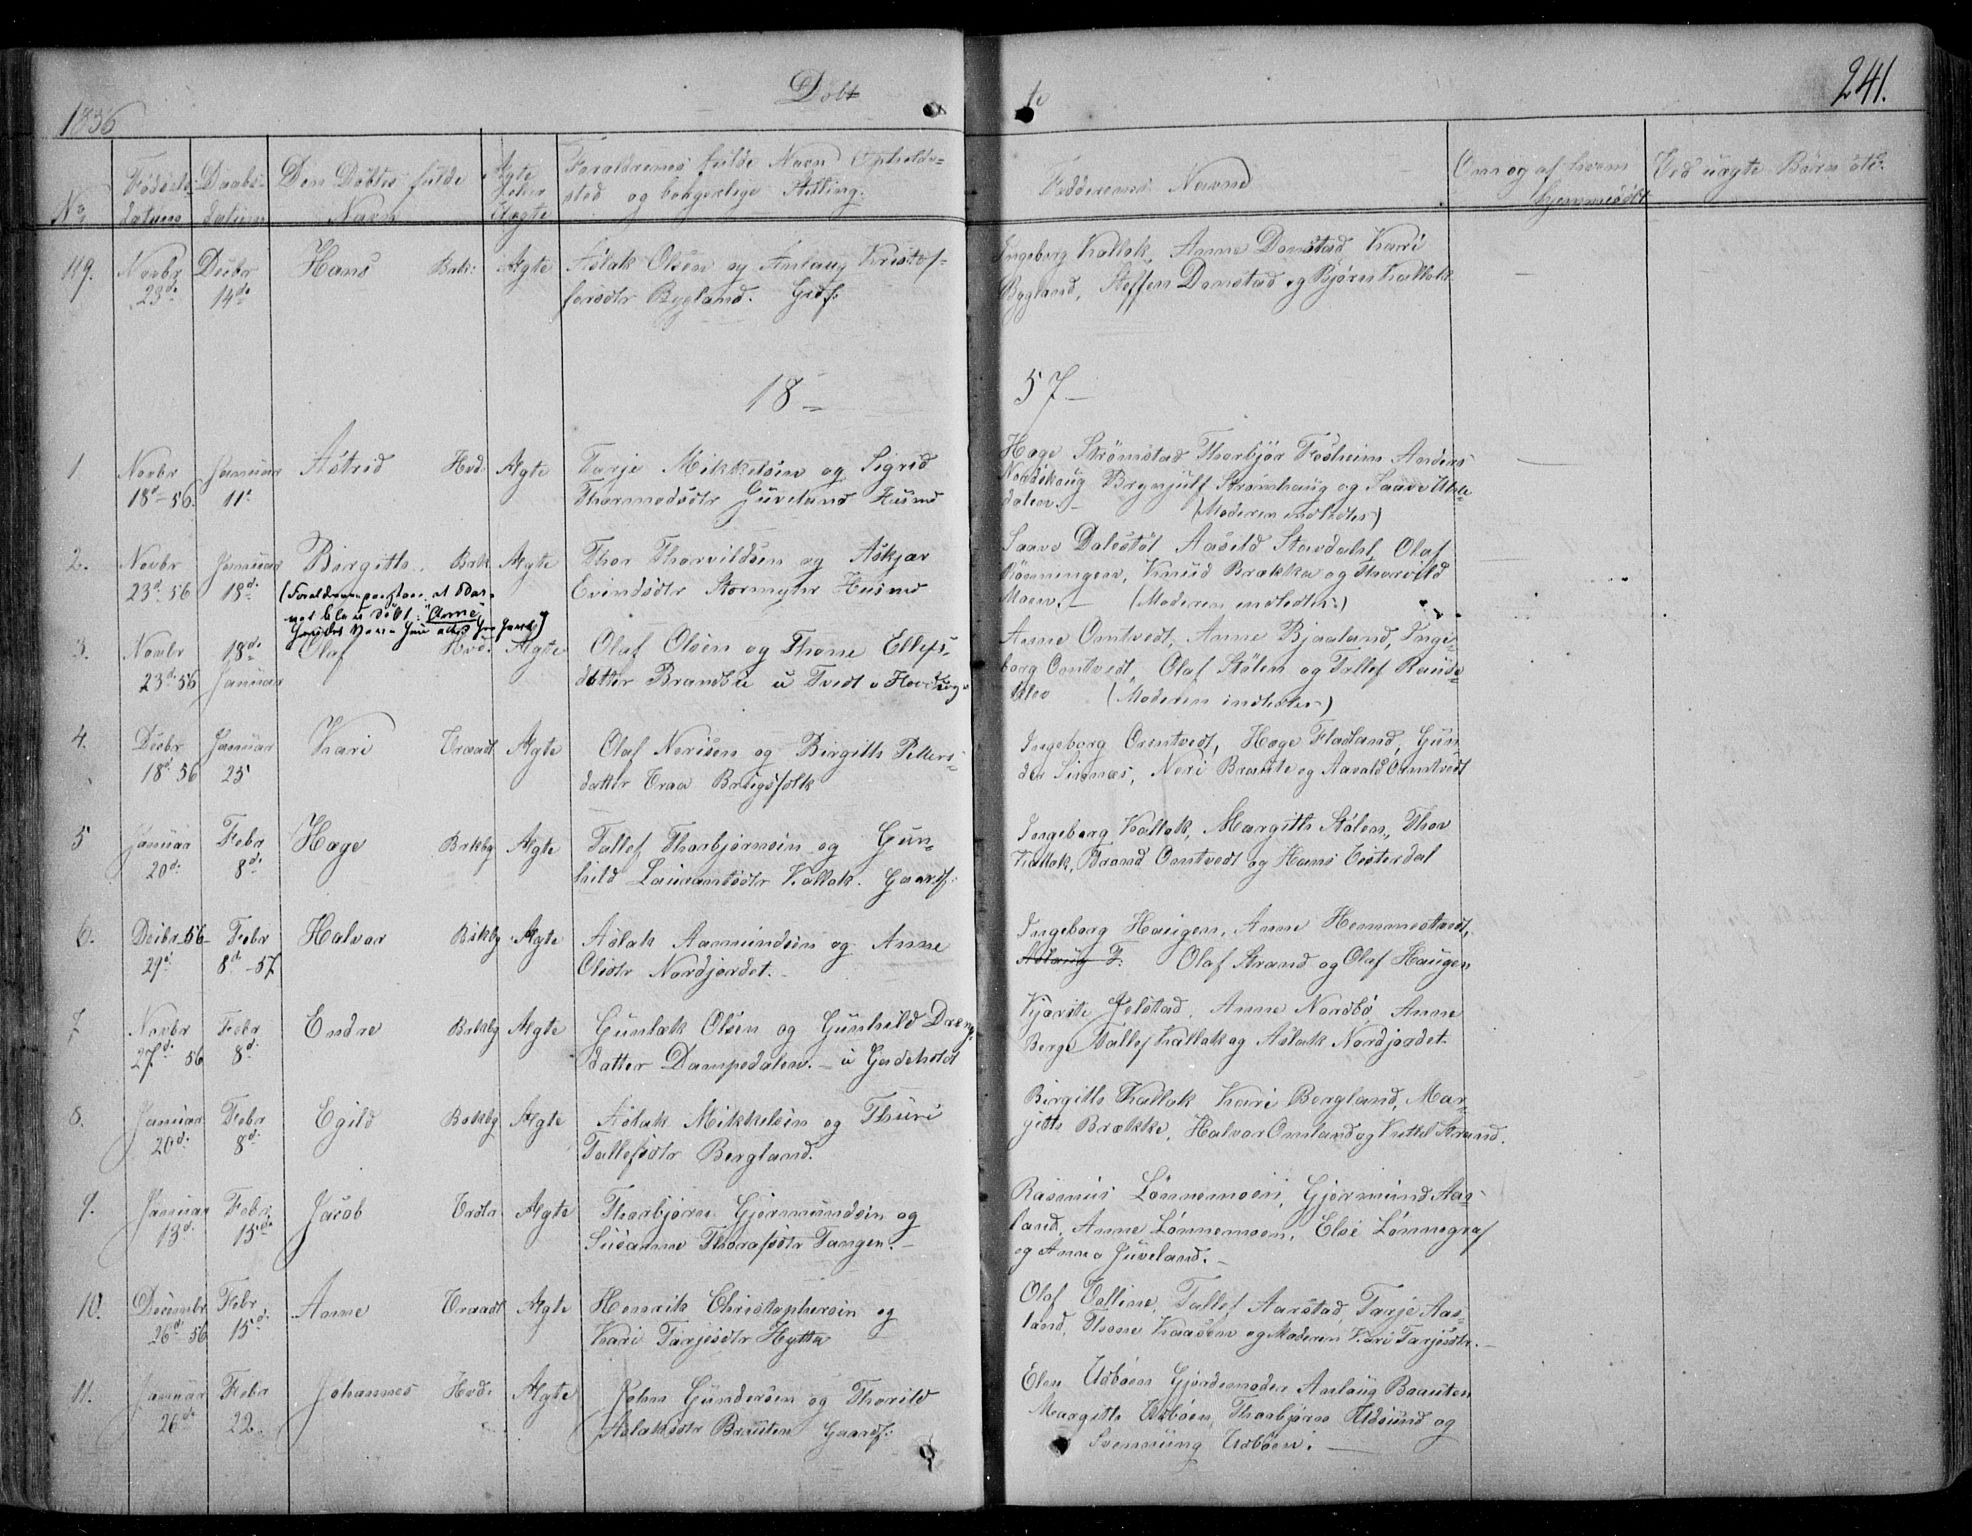 SAKO, Kviteseid kirkebøker, F/Fa/L0006: Ministerialbok nr. I 6, 1836-1858, s. 241